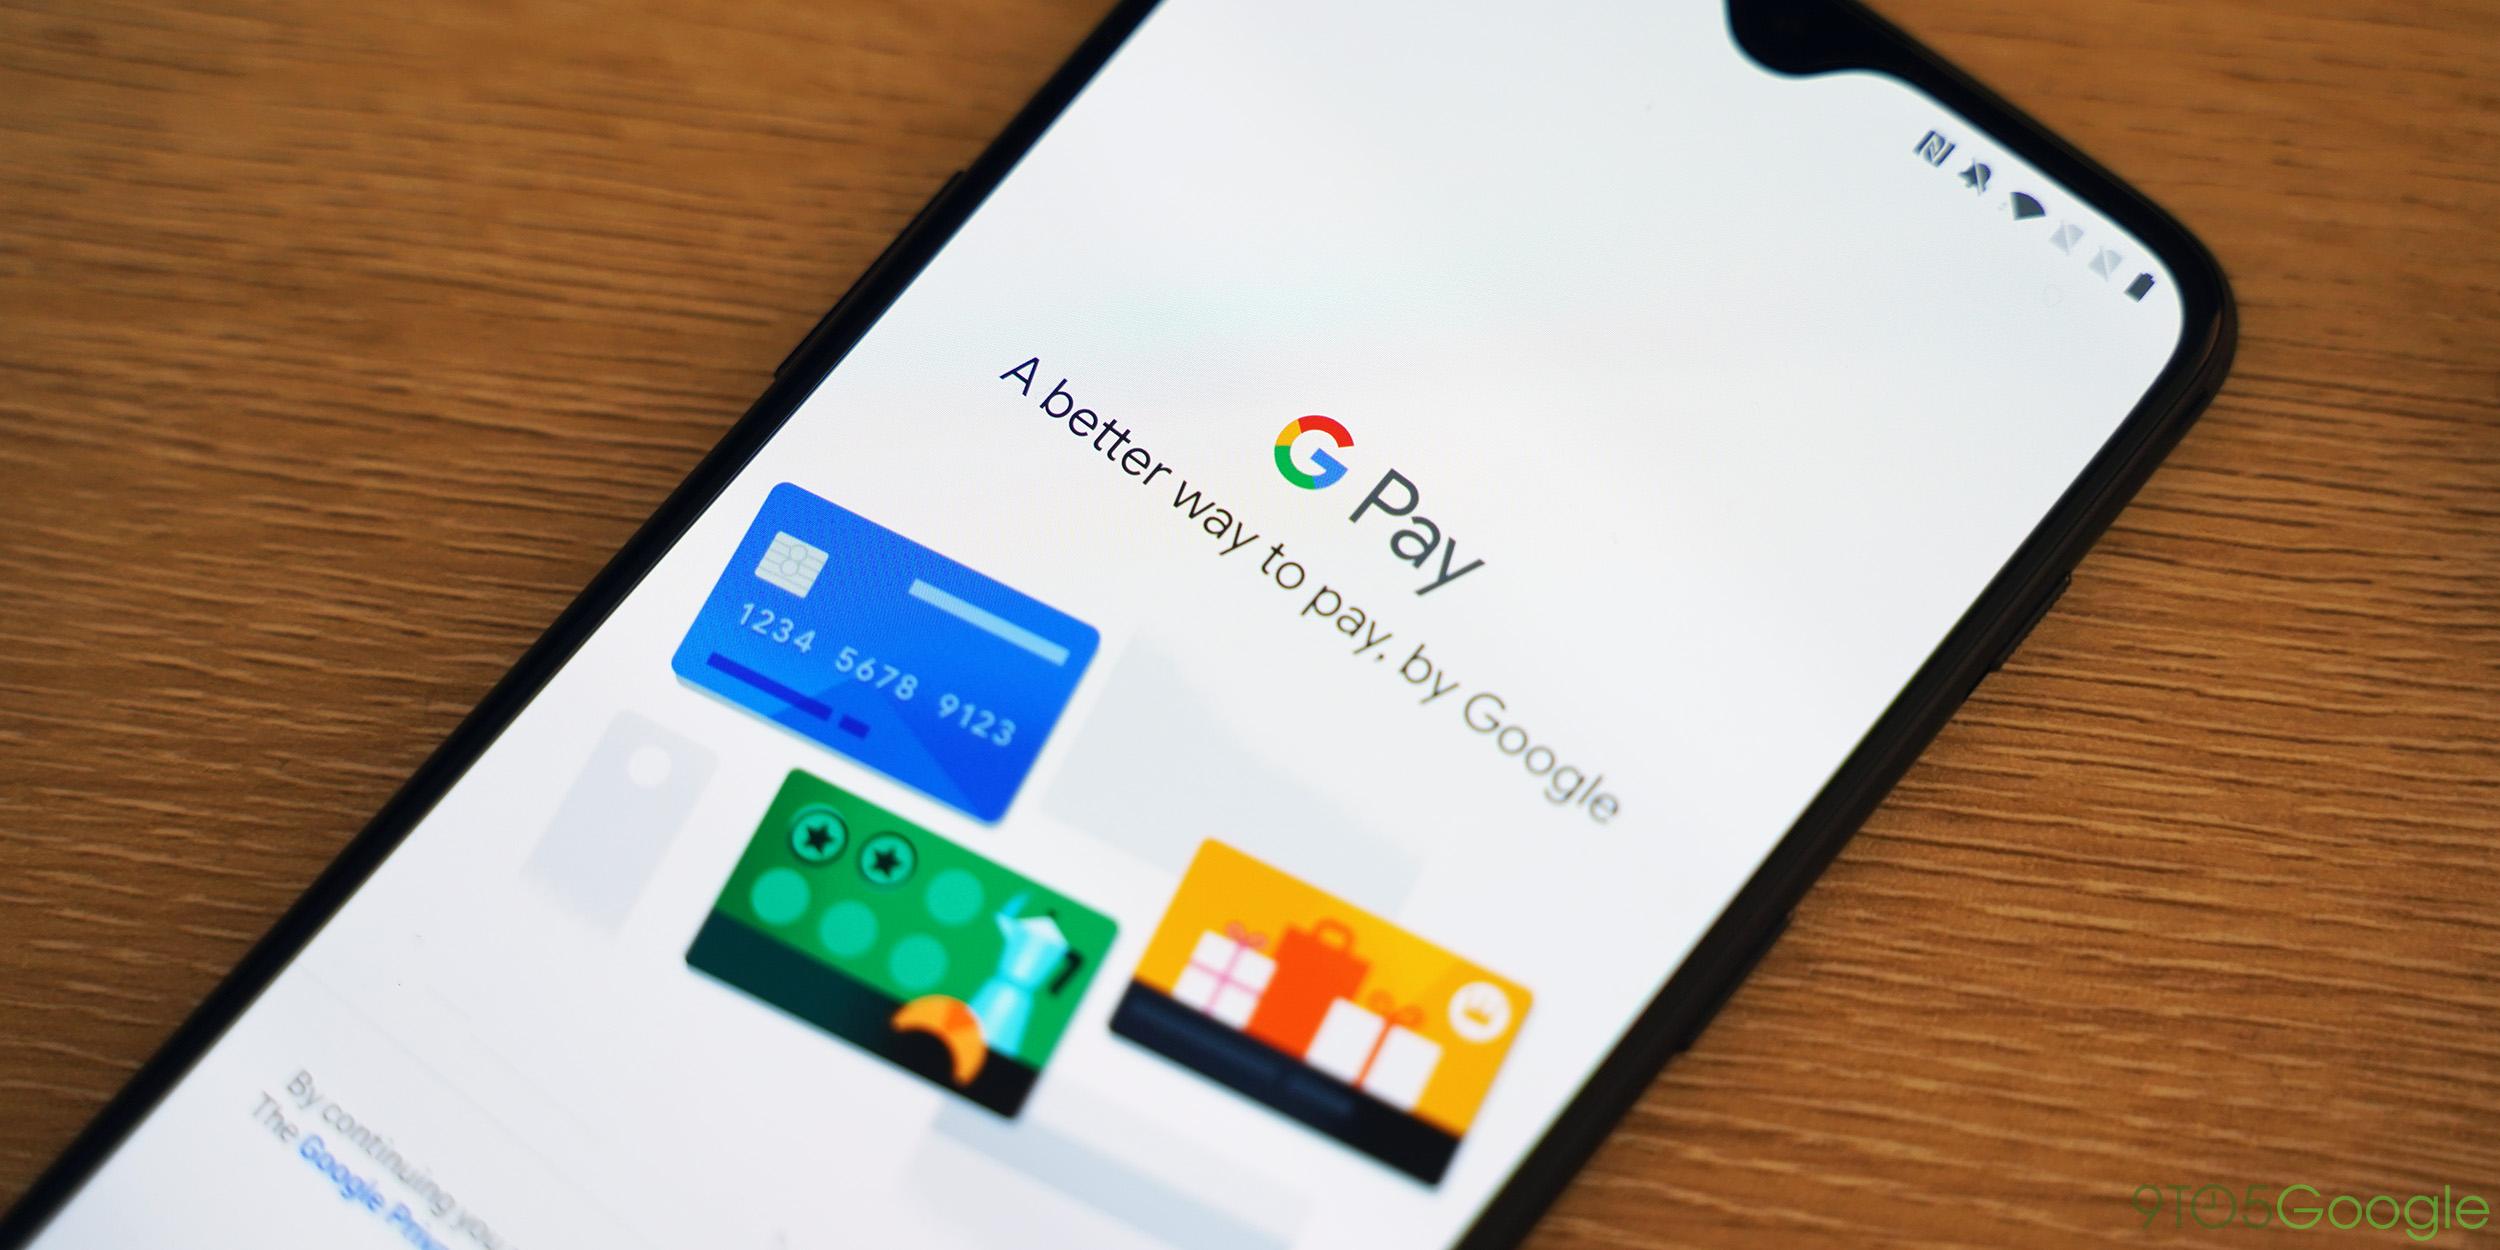 [Update: jetzt 21] Google Pay hat im Juni 2019 12 neue Banken in den USA hinzugefügt